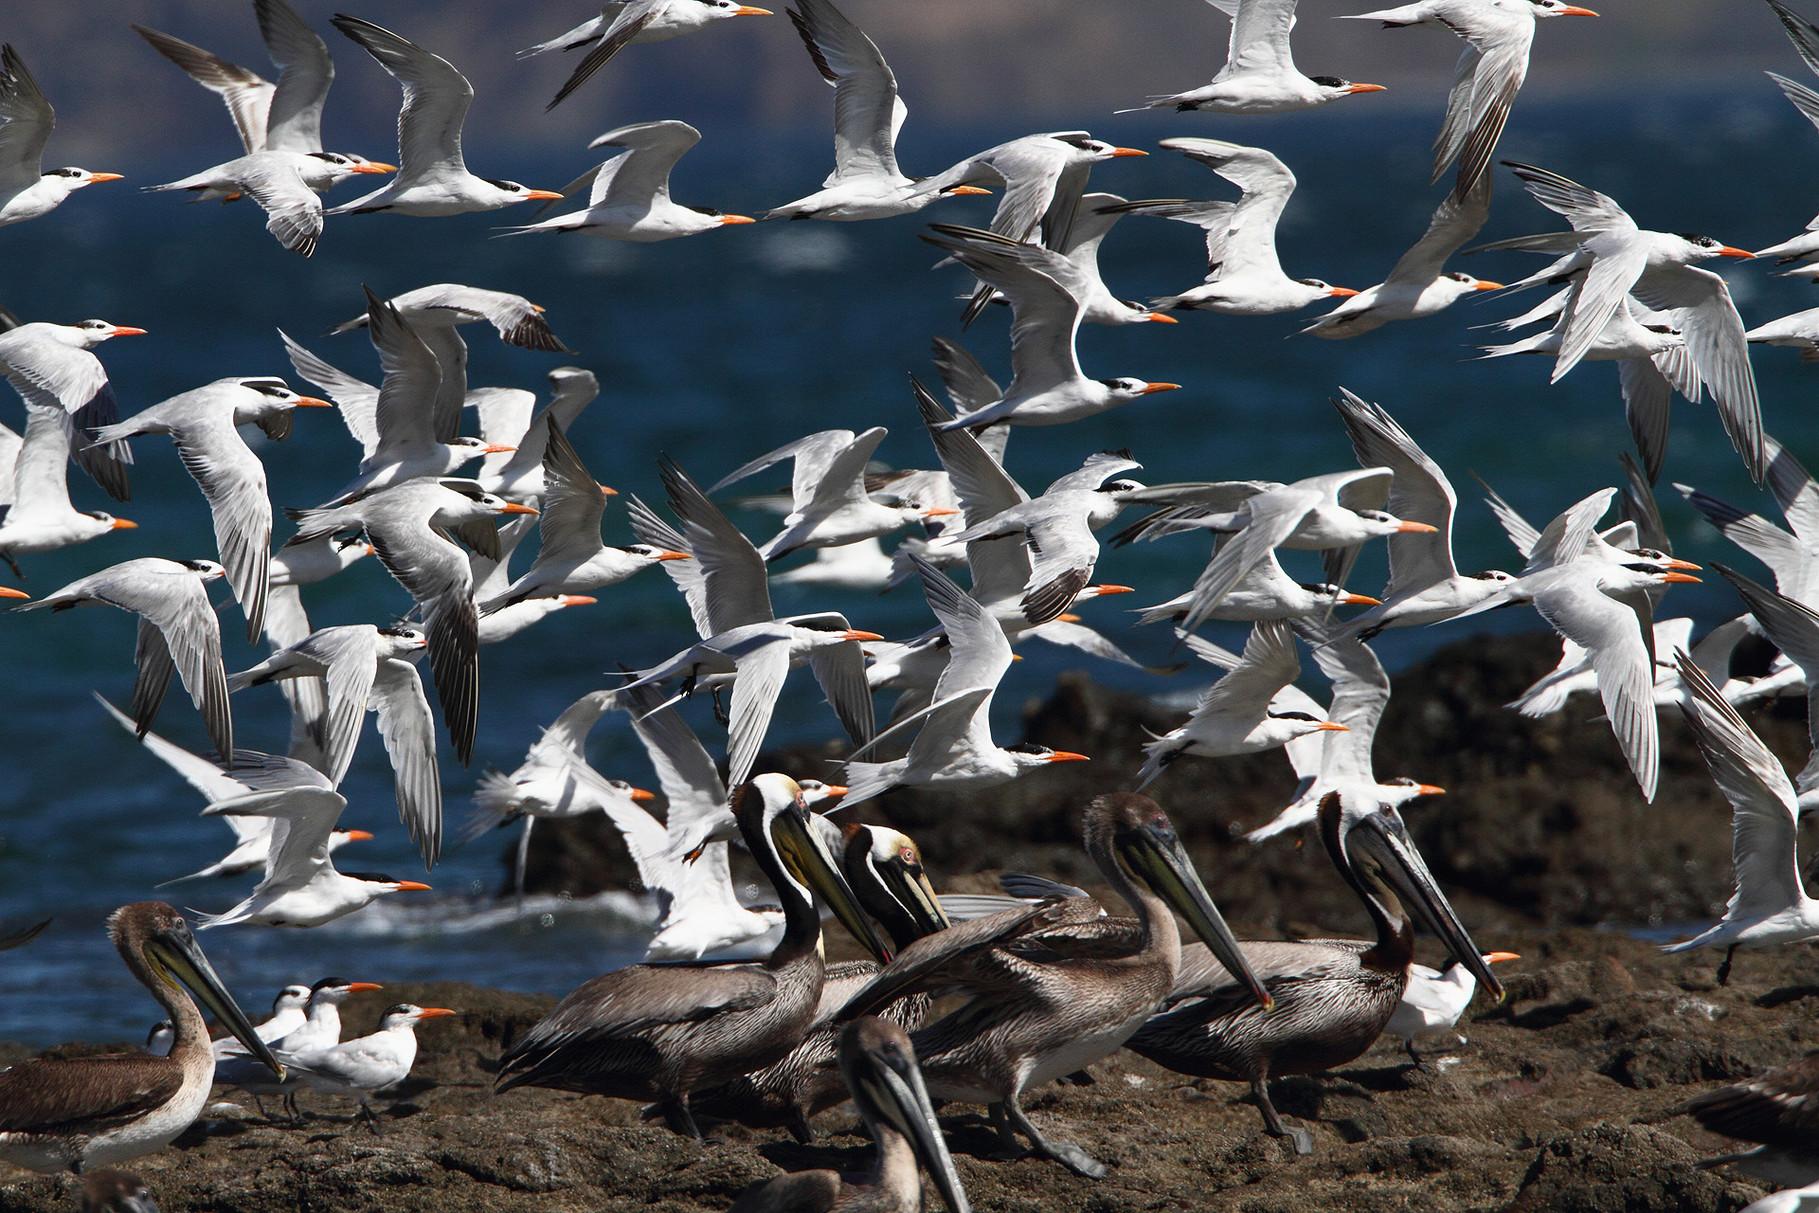 ...sorgen die zahlreichen Königsseeschwalben und Braunpelikane